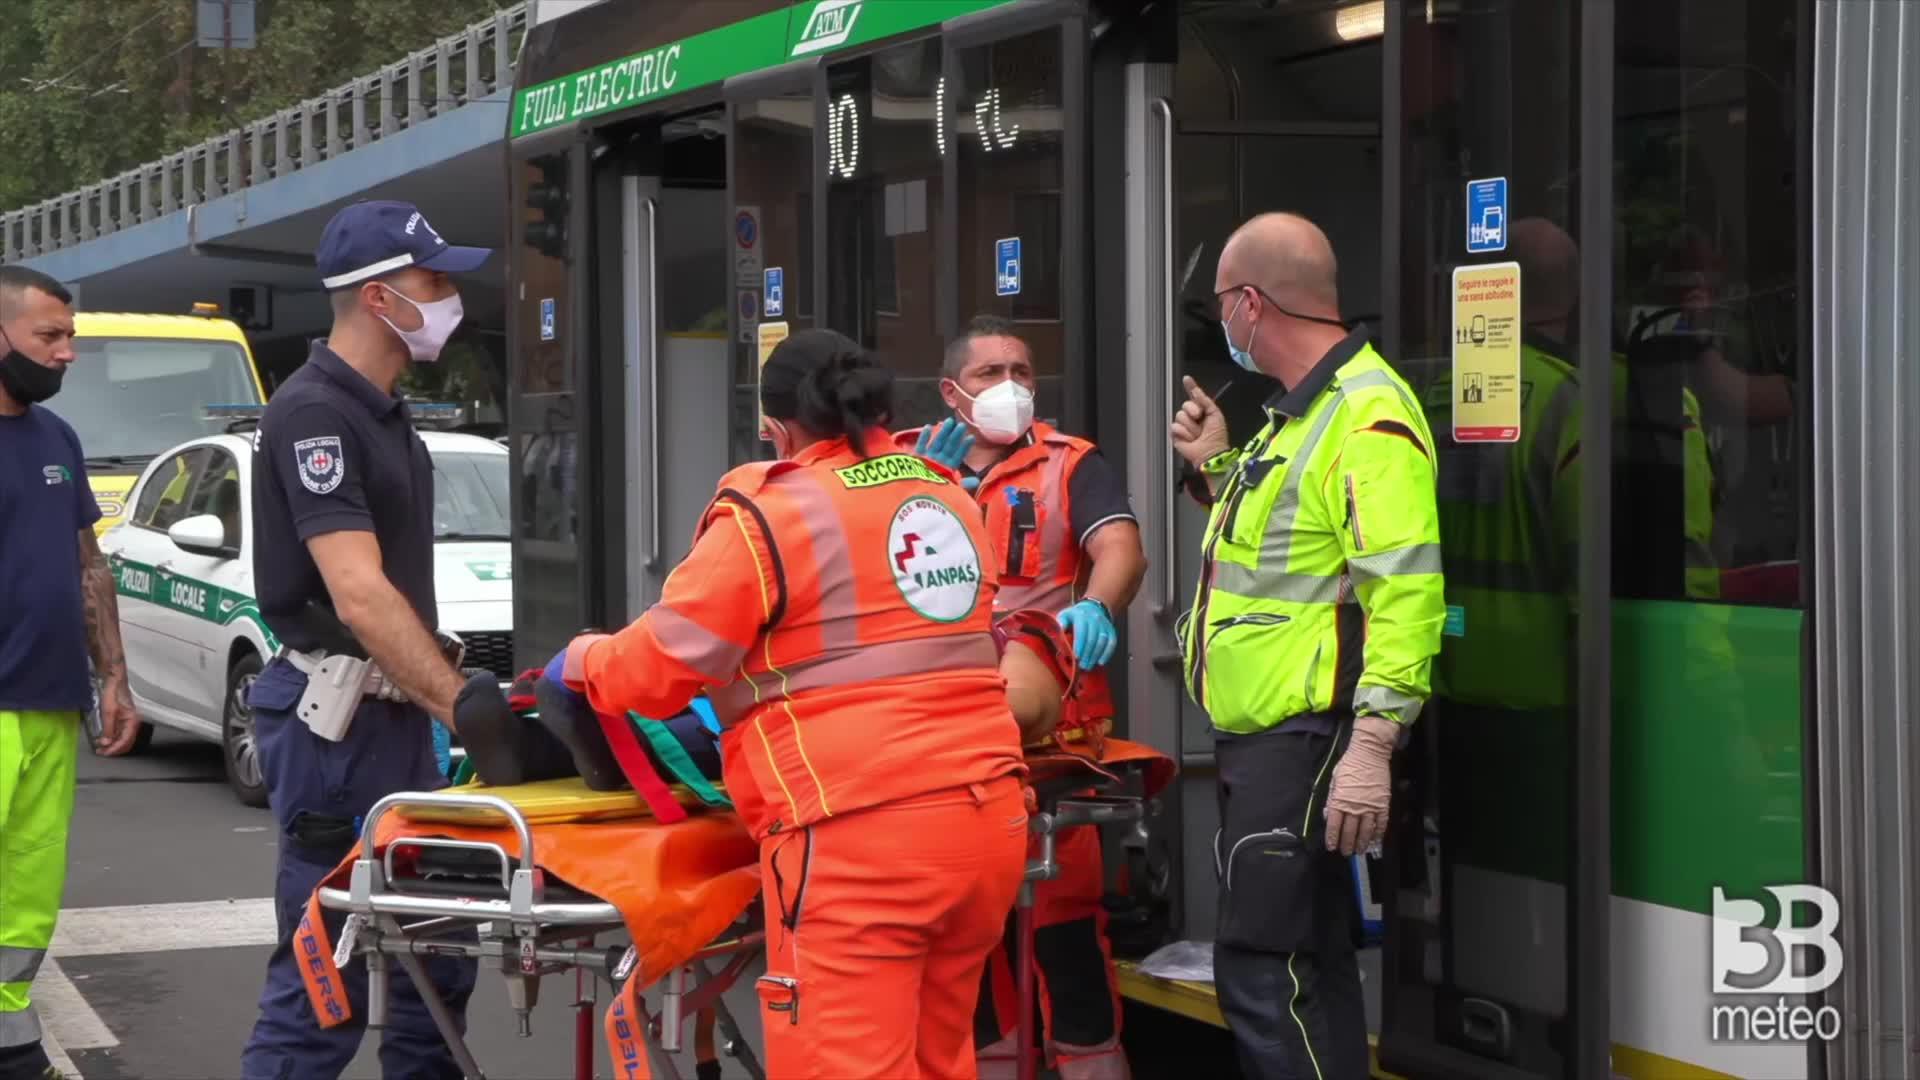 Scontro filobus-auto a Milano: passeggeri soccorsi per traumi